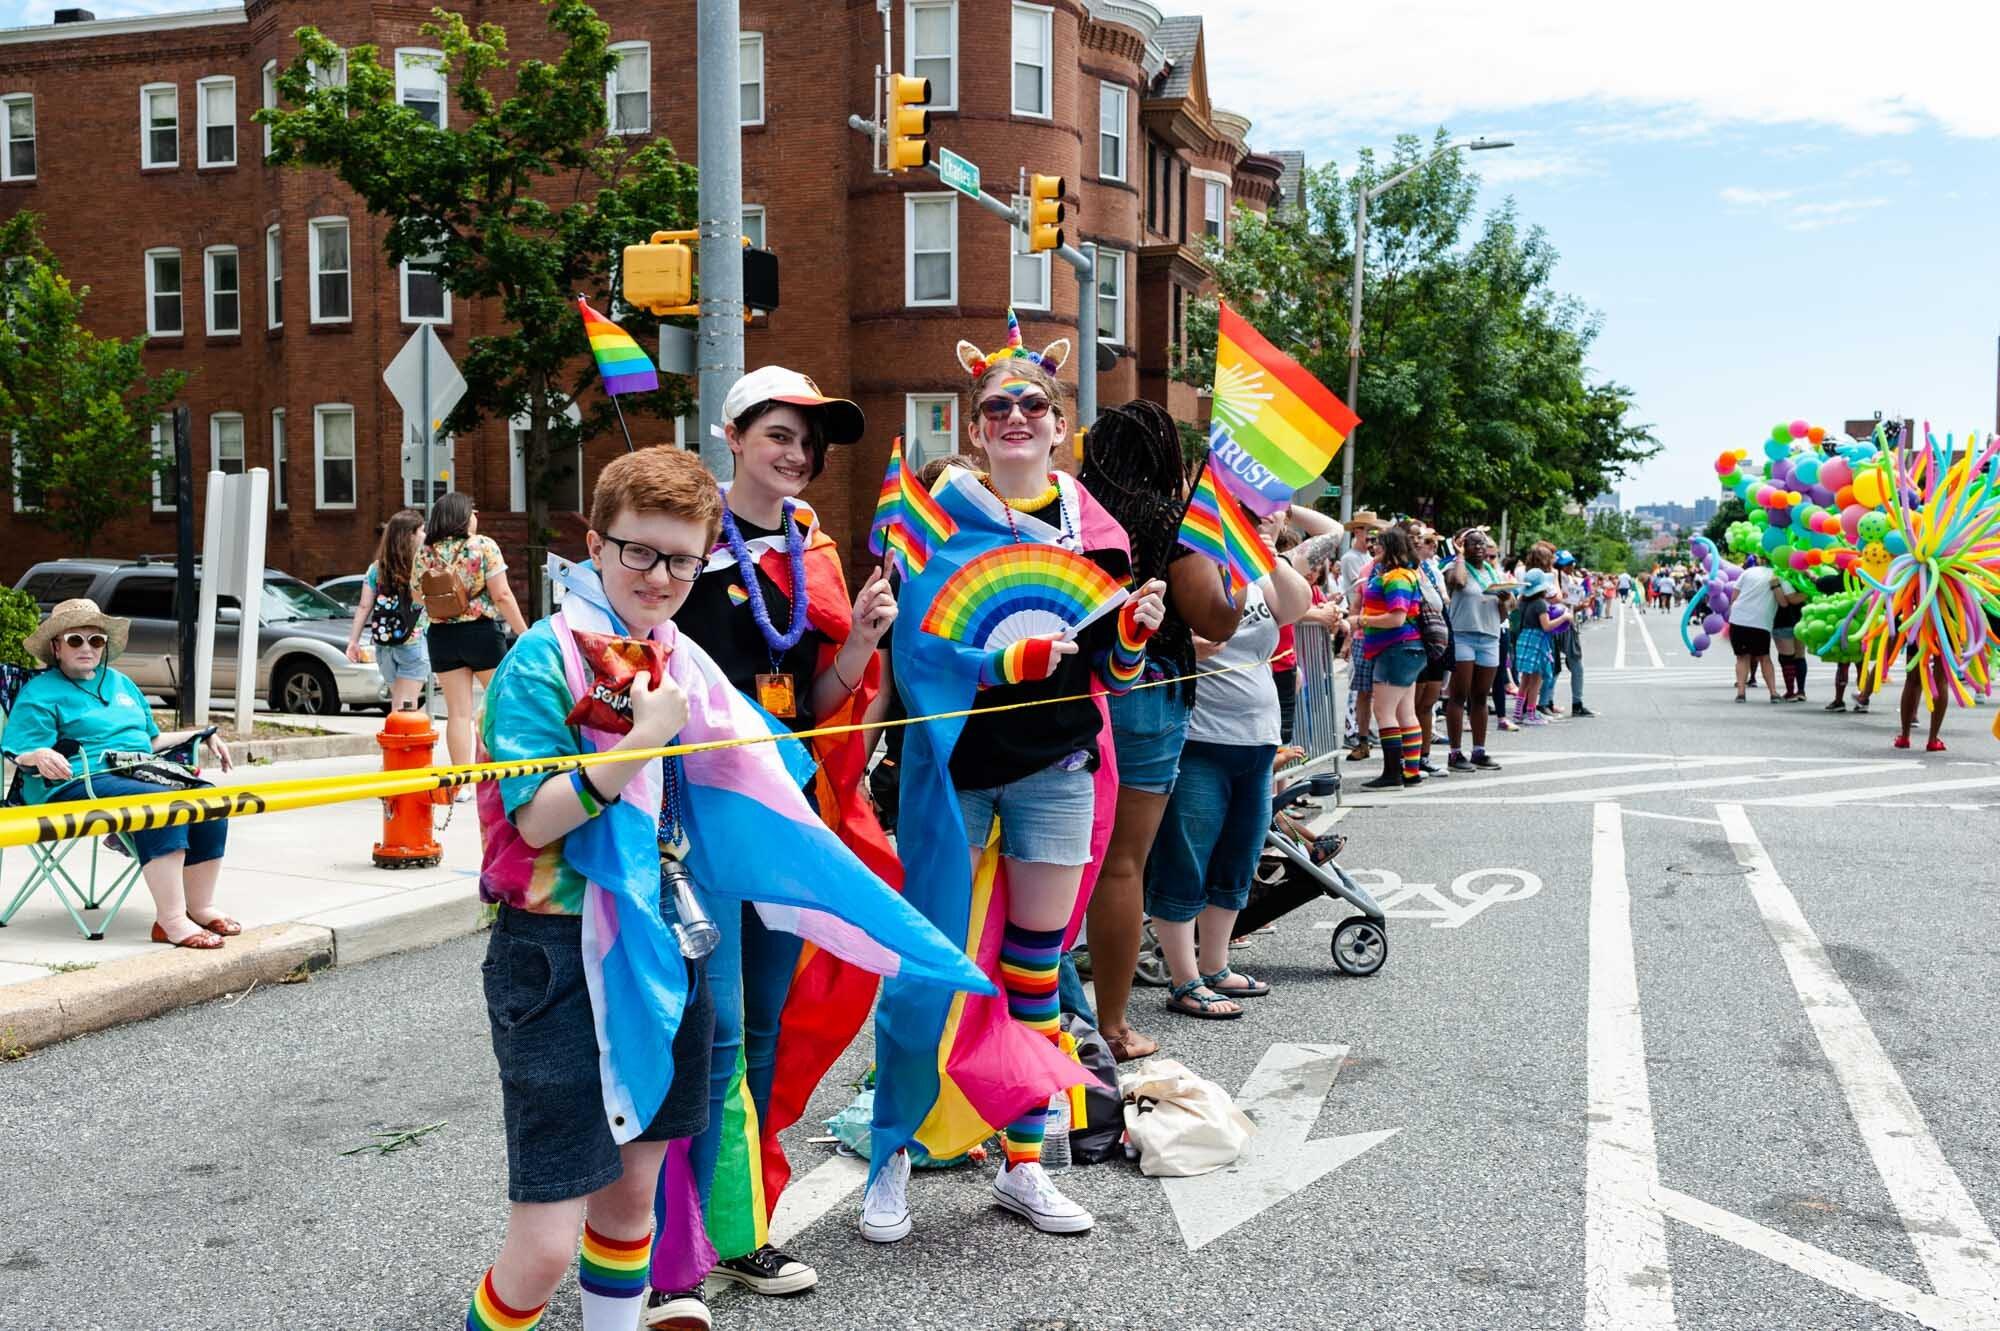 Emily Lewis Creative_Baltimore Pride Parade_2019-06-15-79.jpg